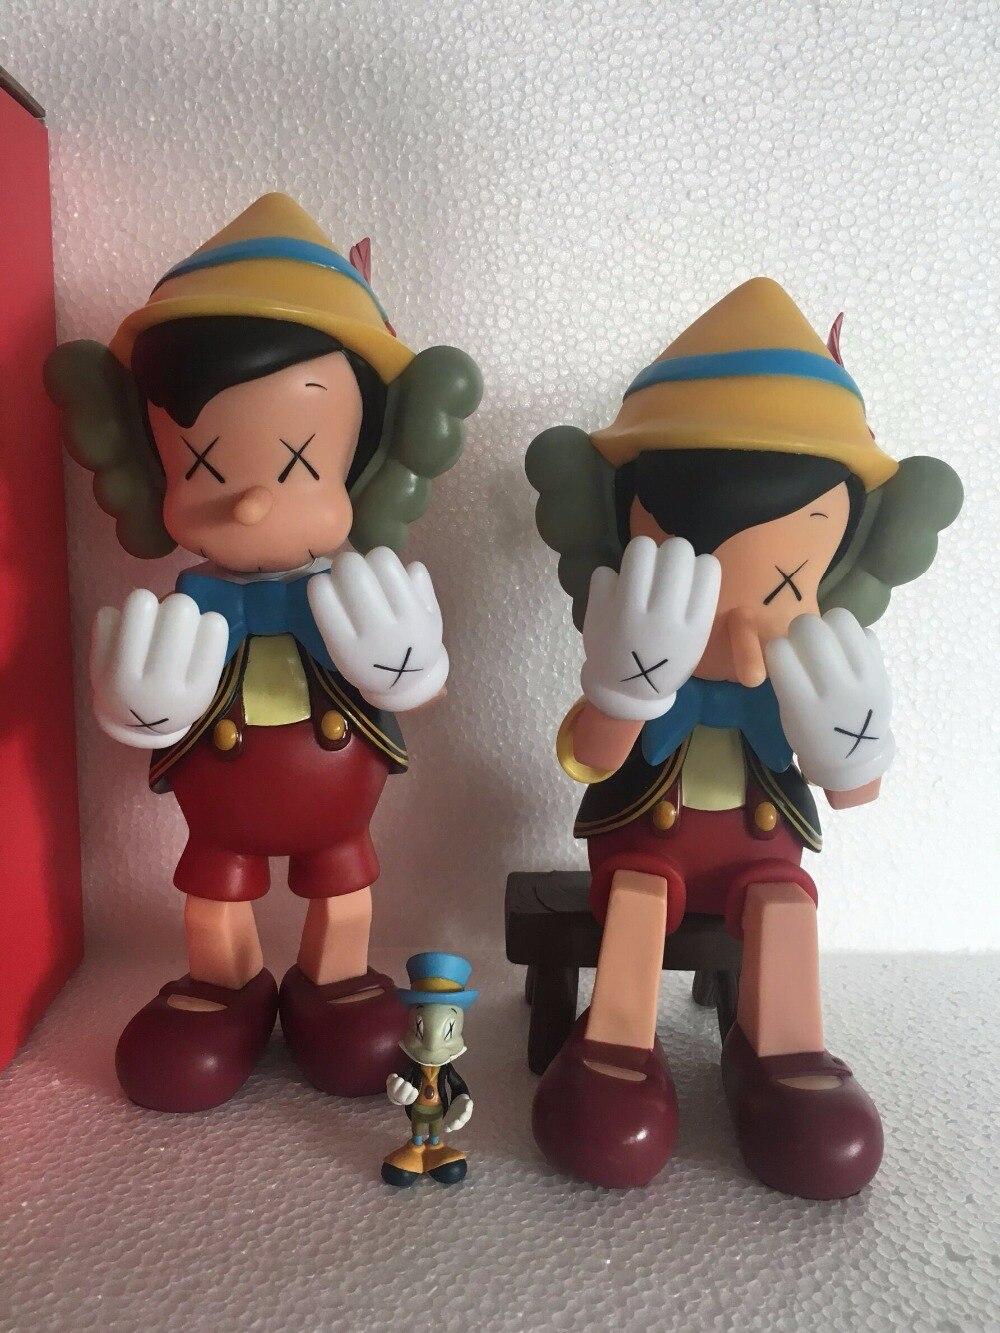 10 pouces et 8 pouces assis Pinocchio medicom toy kaws image réelle avec boite D'origine Haute Qualité Résine D'origine action